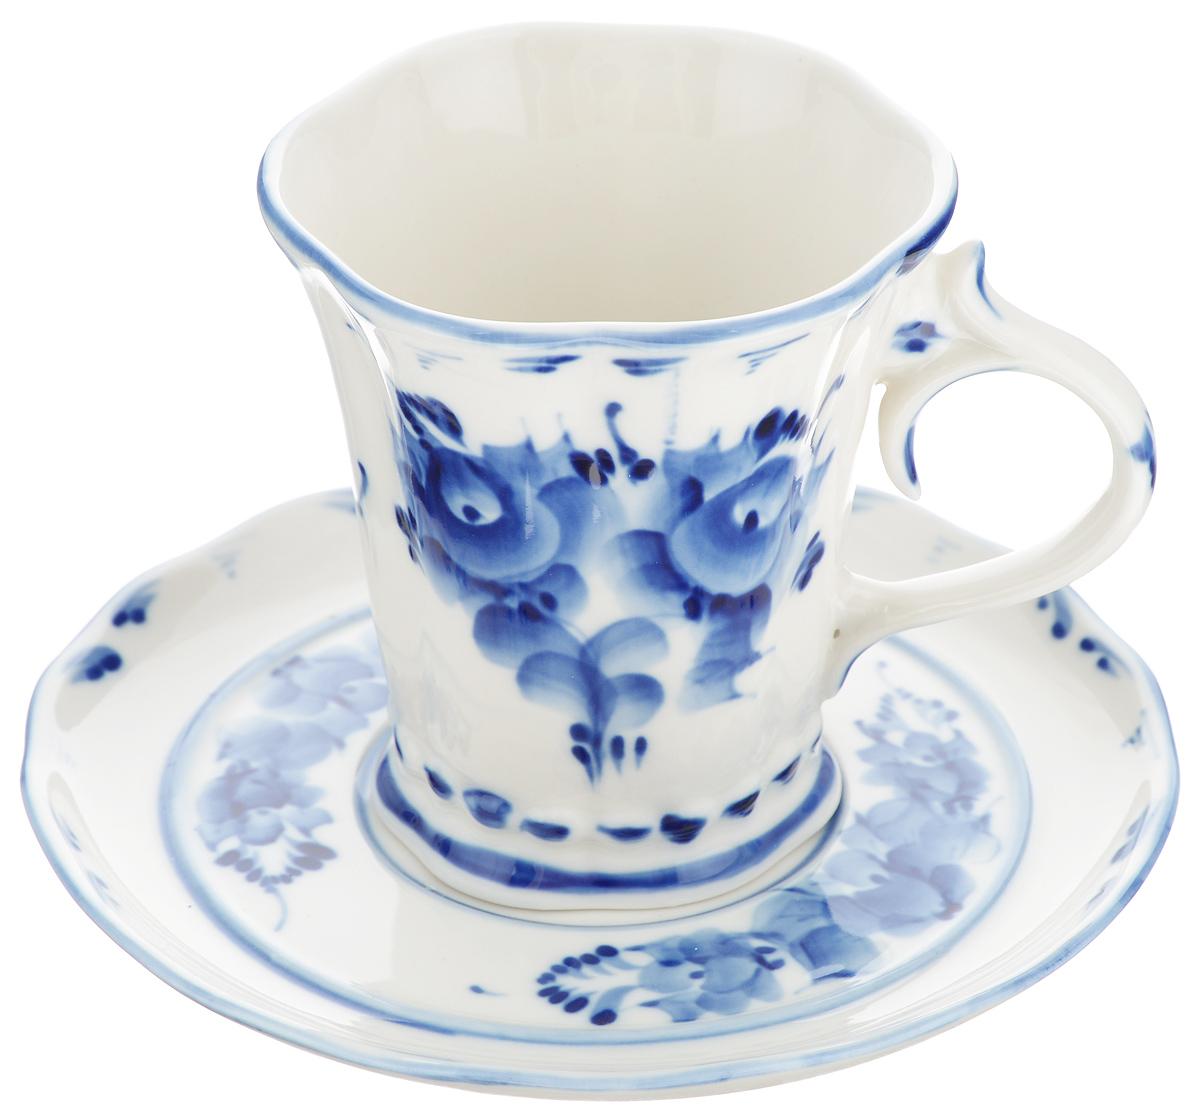 Чайная пара Катерина, цвет: белый, синий, 2 предмета. 993010112